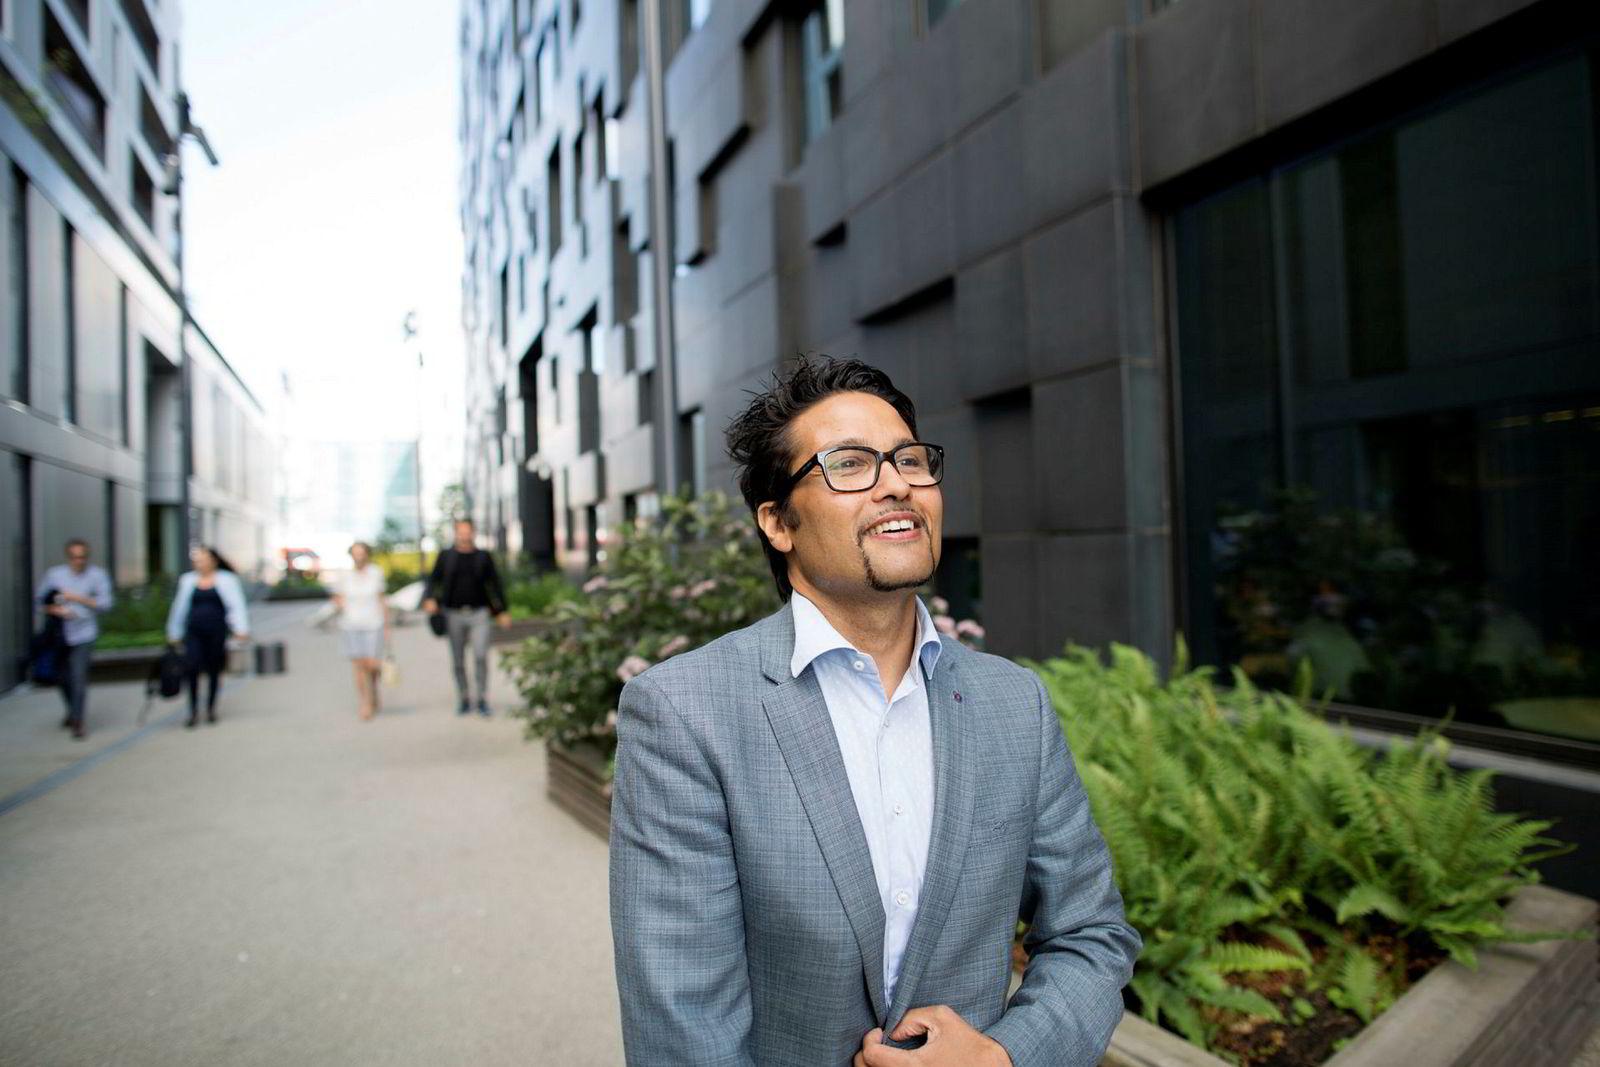 7bcc0d9d4 Flere kjøper bolig nummer to i Oslo | DN